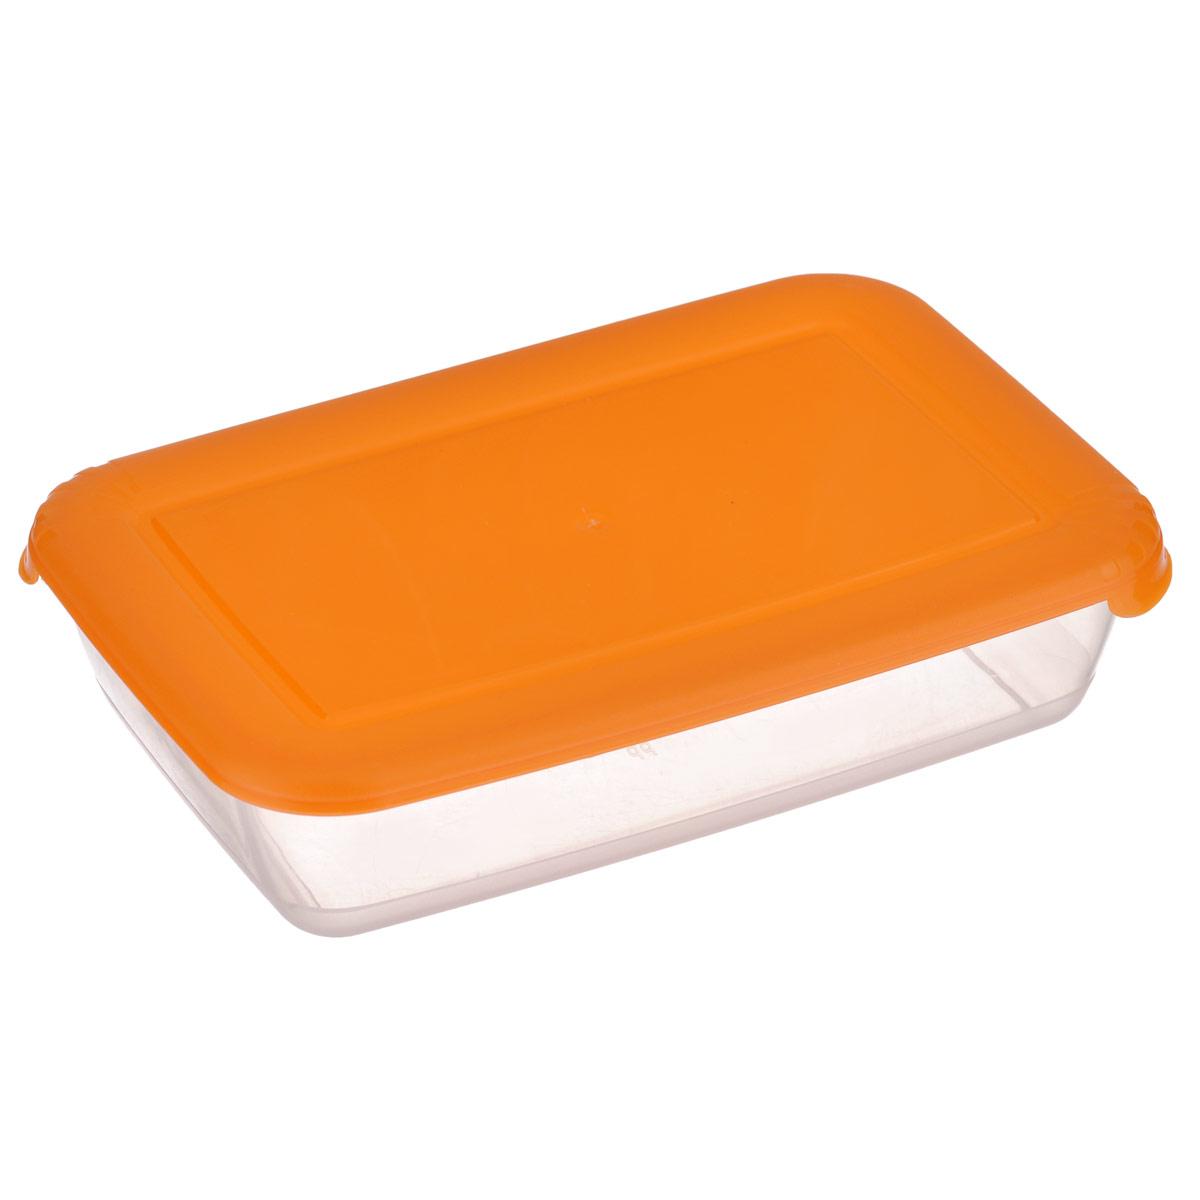 Контейнер для СВЧ Полимербыт Лайт, цвет: оранжевый, 0,45 лС551 оранжевыйПрямоугольный контейнер для СВЧ Полимербыт Лайт изготовлен из высококачественного прочного пластика, устойчивого к высоким температурам (до +120°С). Цветная полупрозрачная крышка плотно закрывается, дольше сохраняя продукты свежими и вкусными. Контейнер идеально подходит для хранения пищи, его удобно брать с собой на работу, учебу, пикник или просто использовать для хранения пищи в холодильнике. Подходит для разогрева пищи в микроволновой печи и для заморозки в морозильной камере (при минимальной температуре -40°С). Можно мыть в посудомоечной машине.